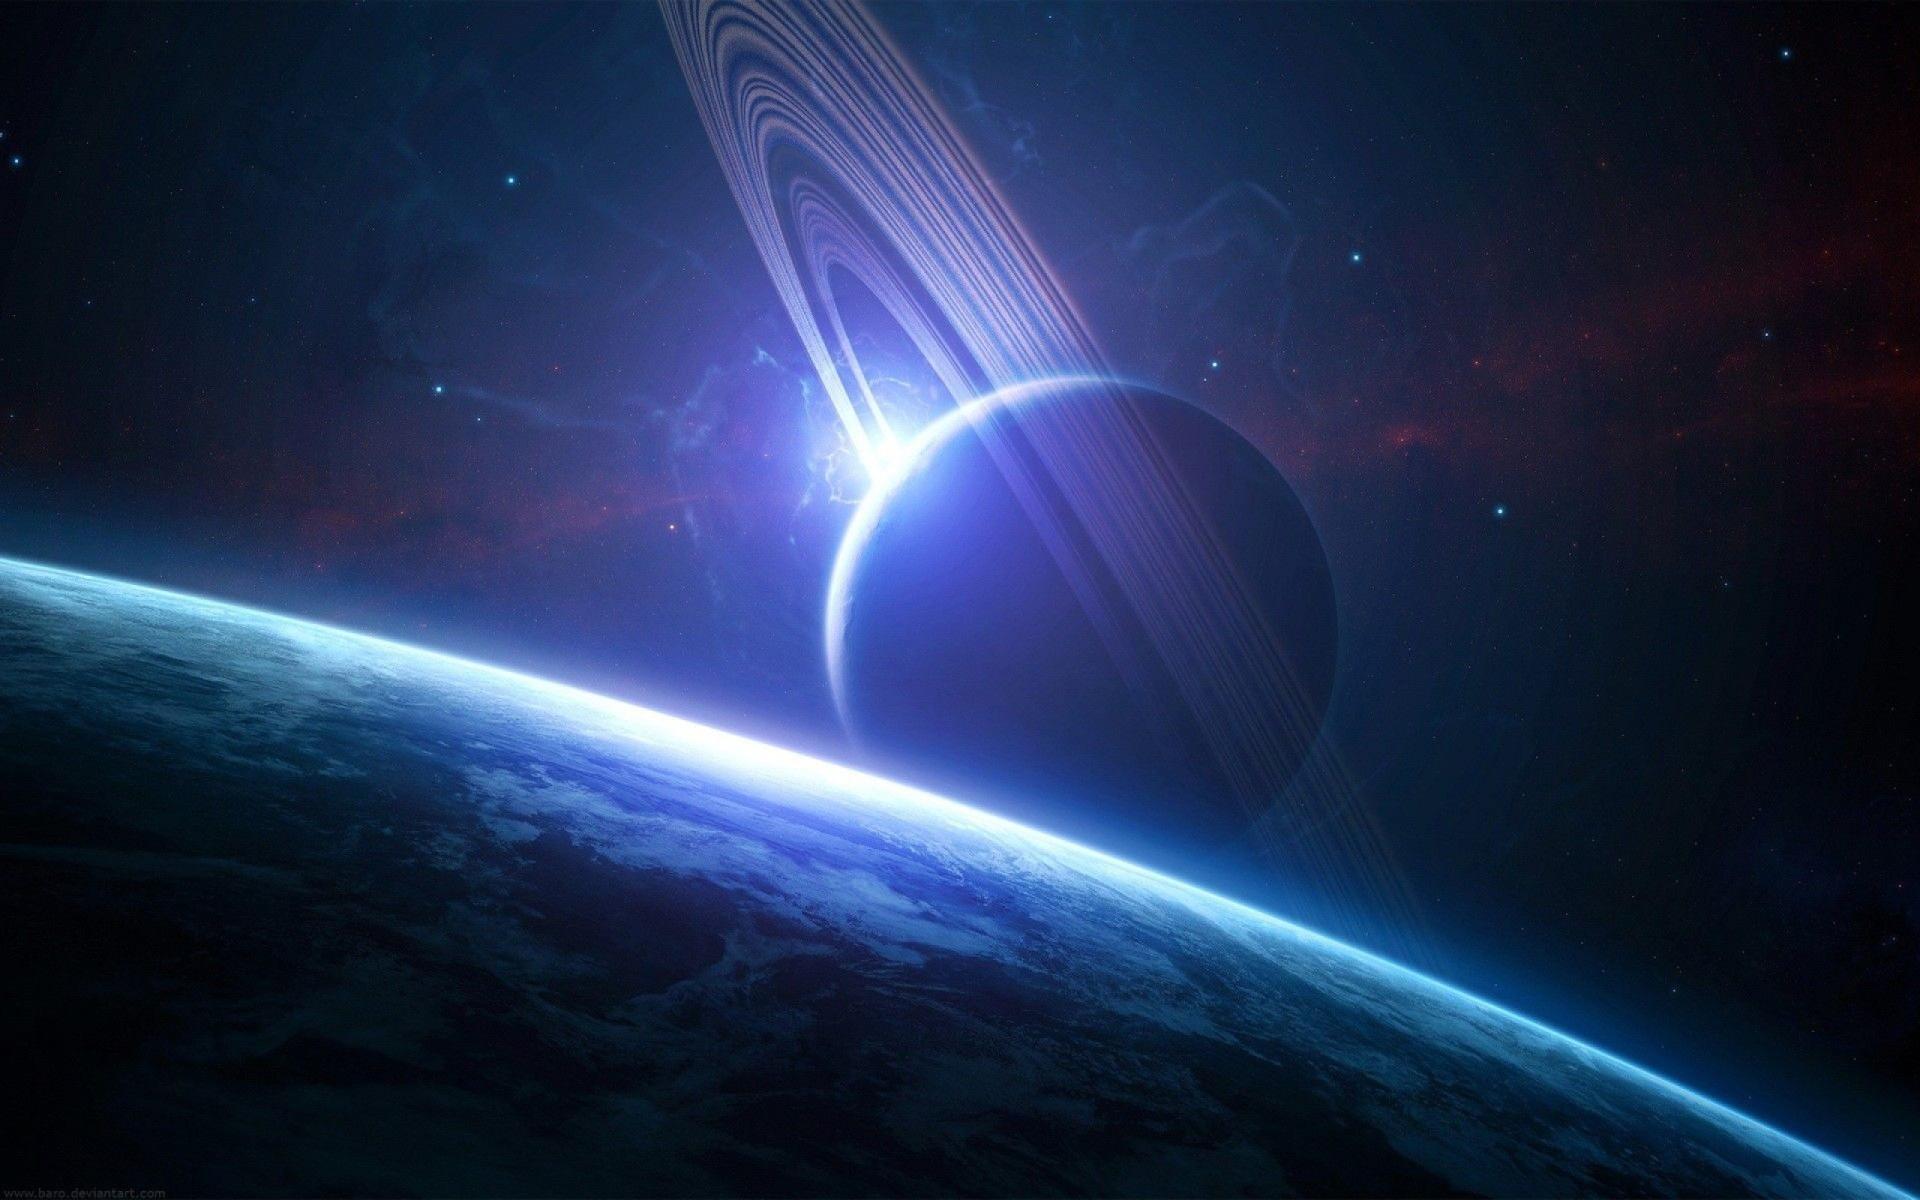 Planet Space HD Wallpaper